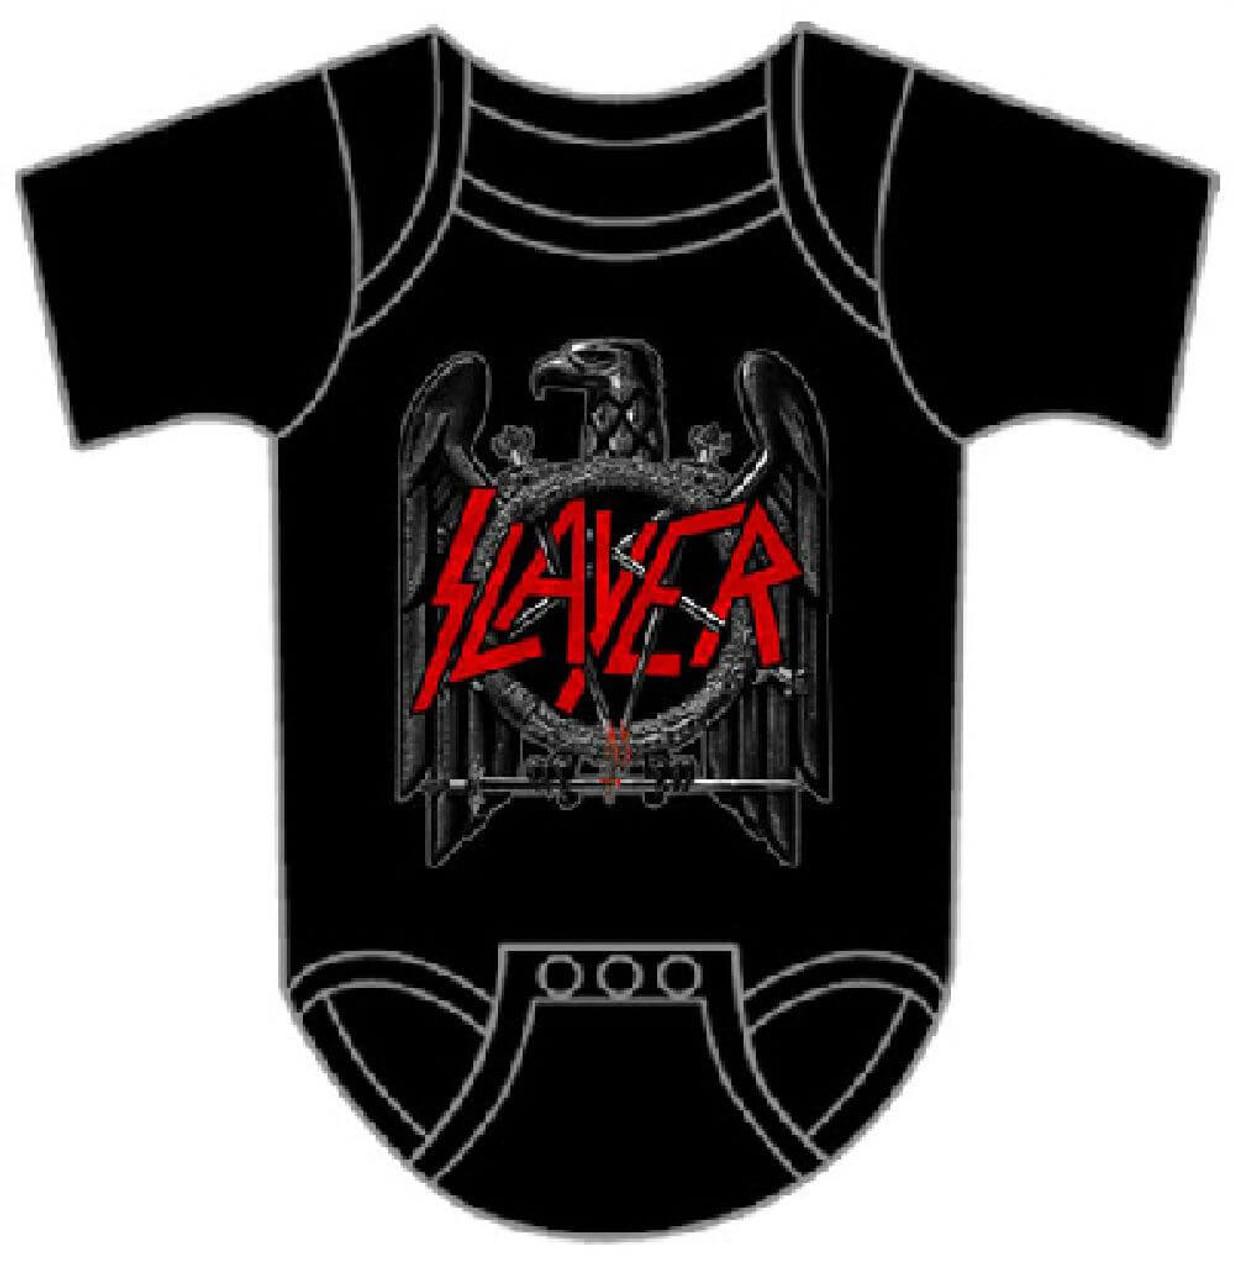 cb9029b50 Slayer Eagle Logo Baby Onesie Infant Romper Black Suit | Rocker Rags